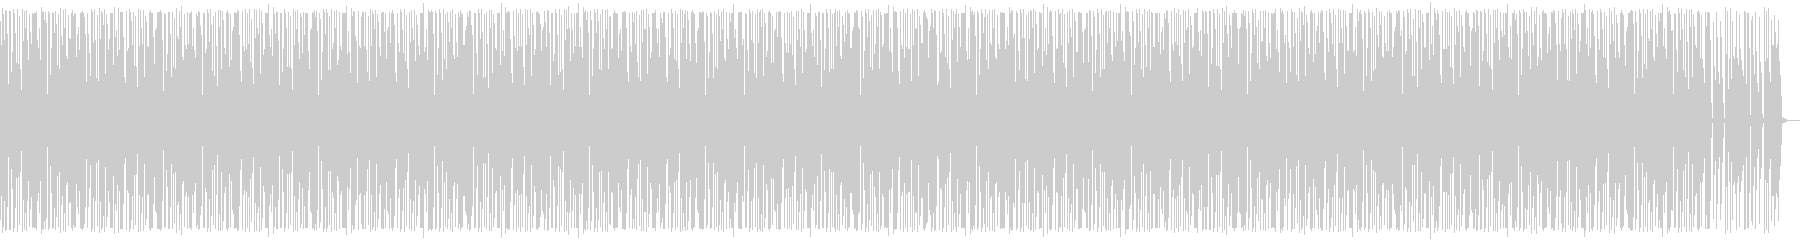 Ennui Marimba Melancholy Norinori's unreproduced waveform